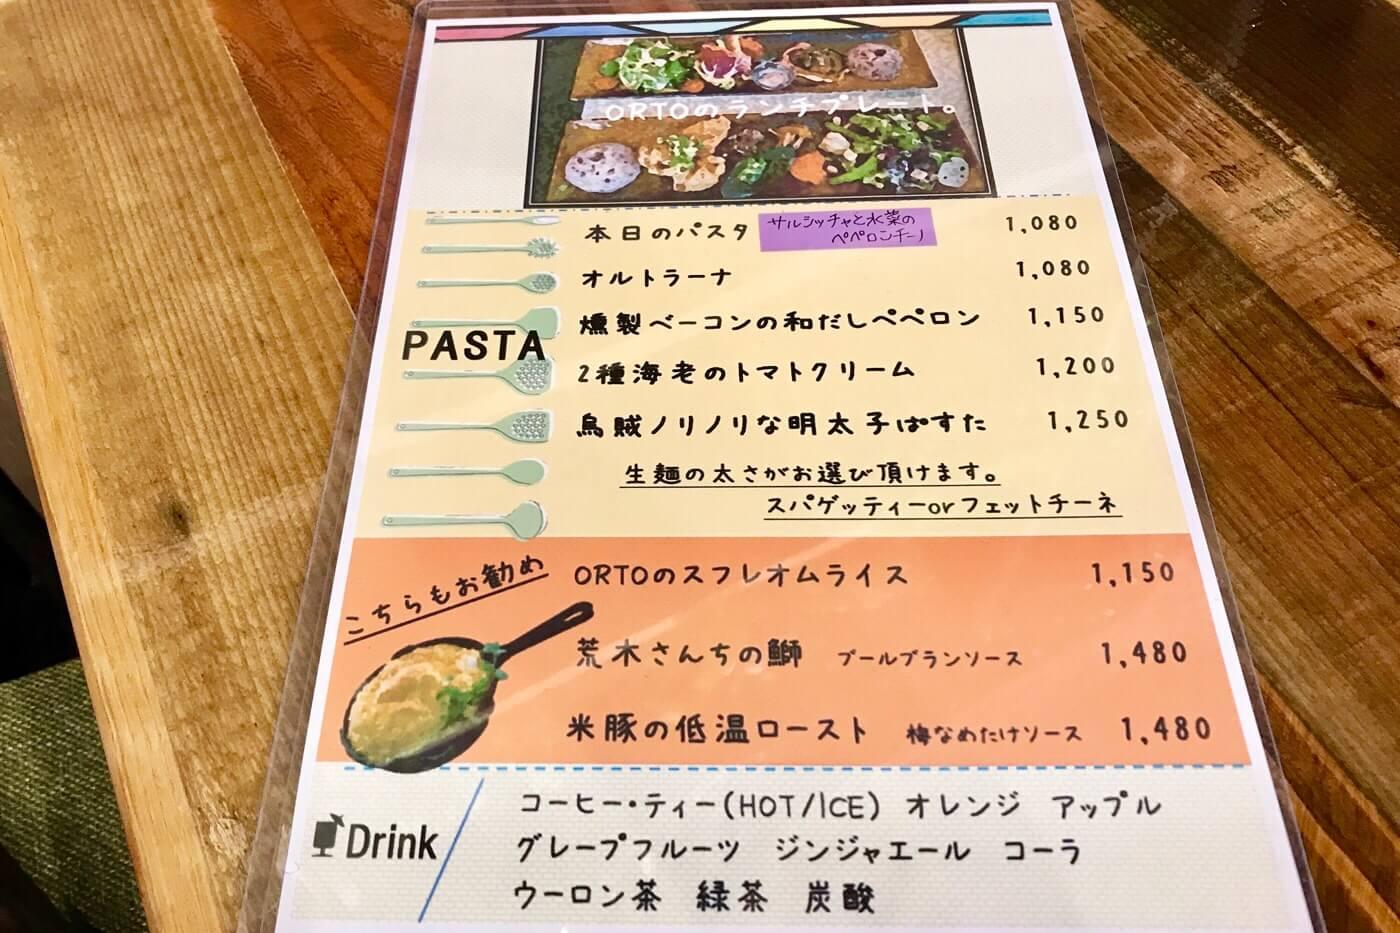 PIzzeriaORTO オルト ランチのパスタなどの料理メニュー